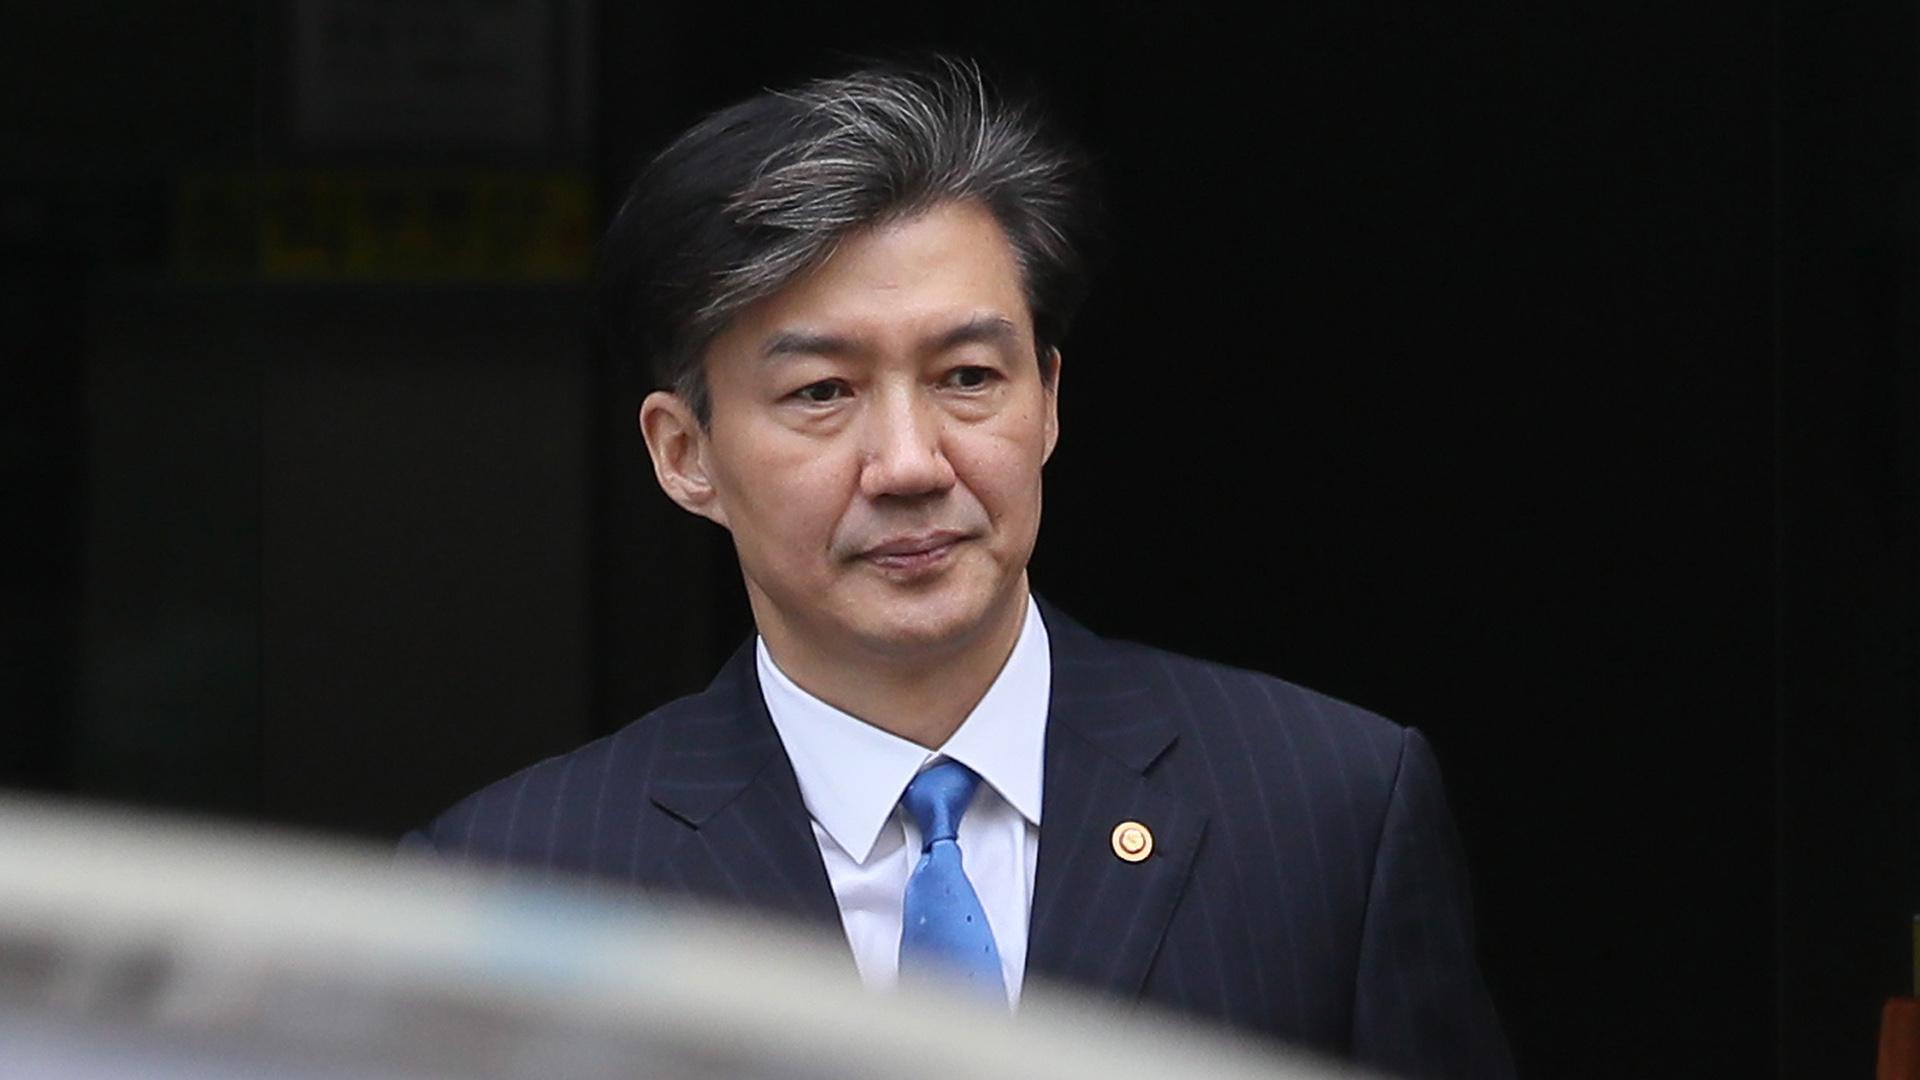 조국 '검사와의 대화' 나선다…검찰개혁 속도전?